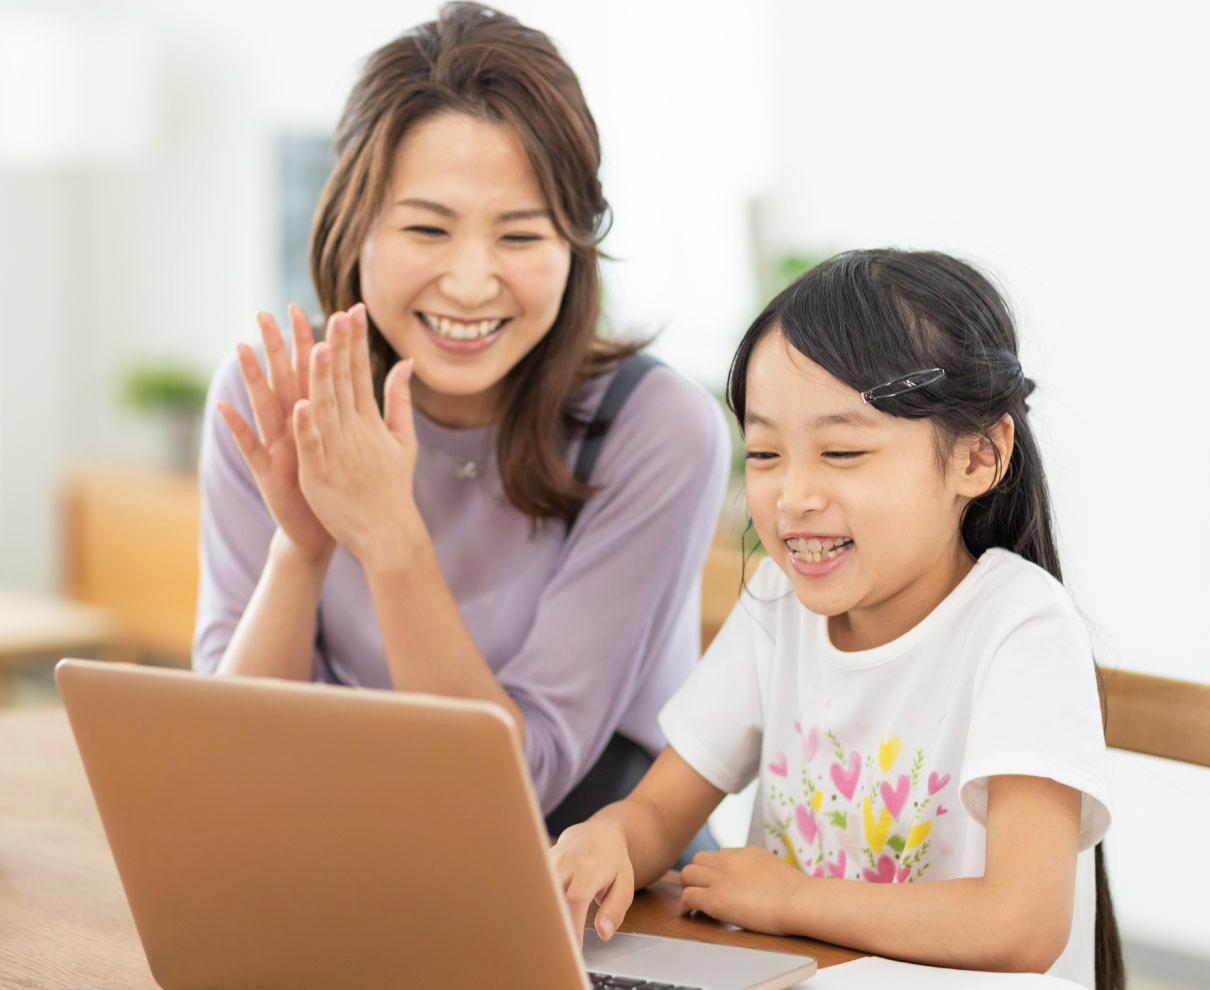 夏休み親子体験! 小中学校の必須科目プログラミングやダンスにチャレンジ|子育て情報